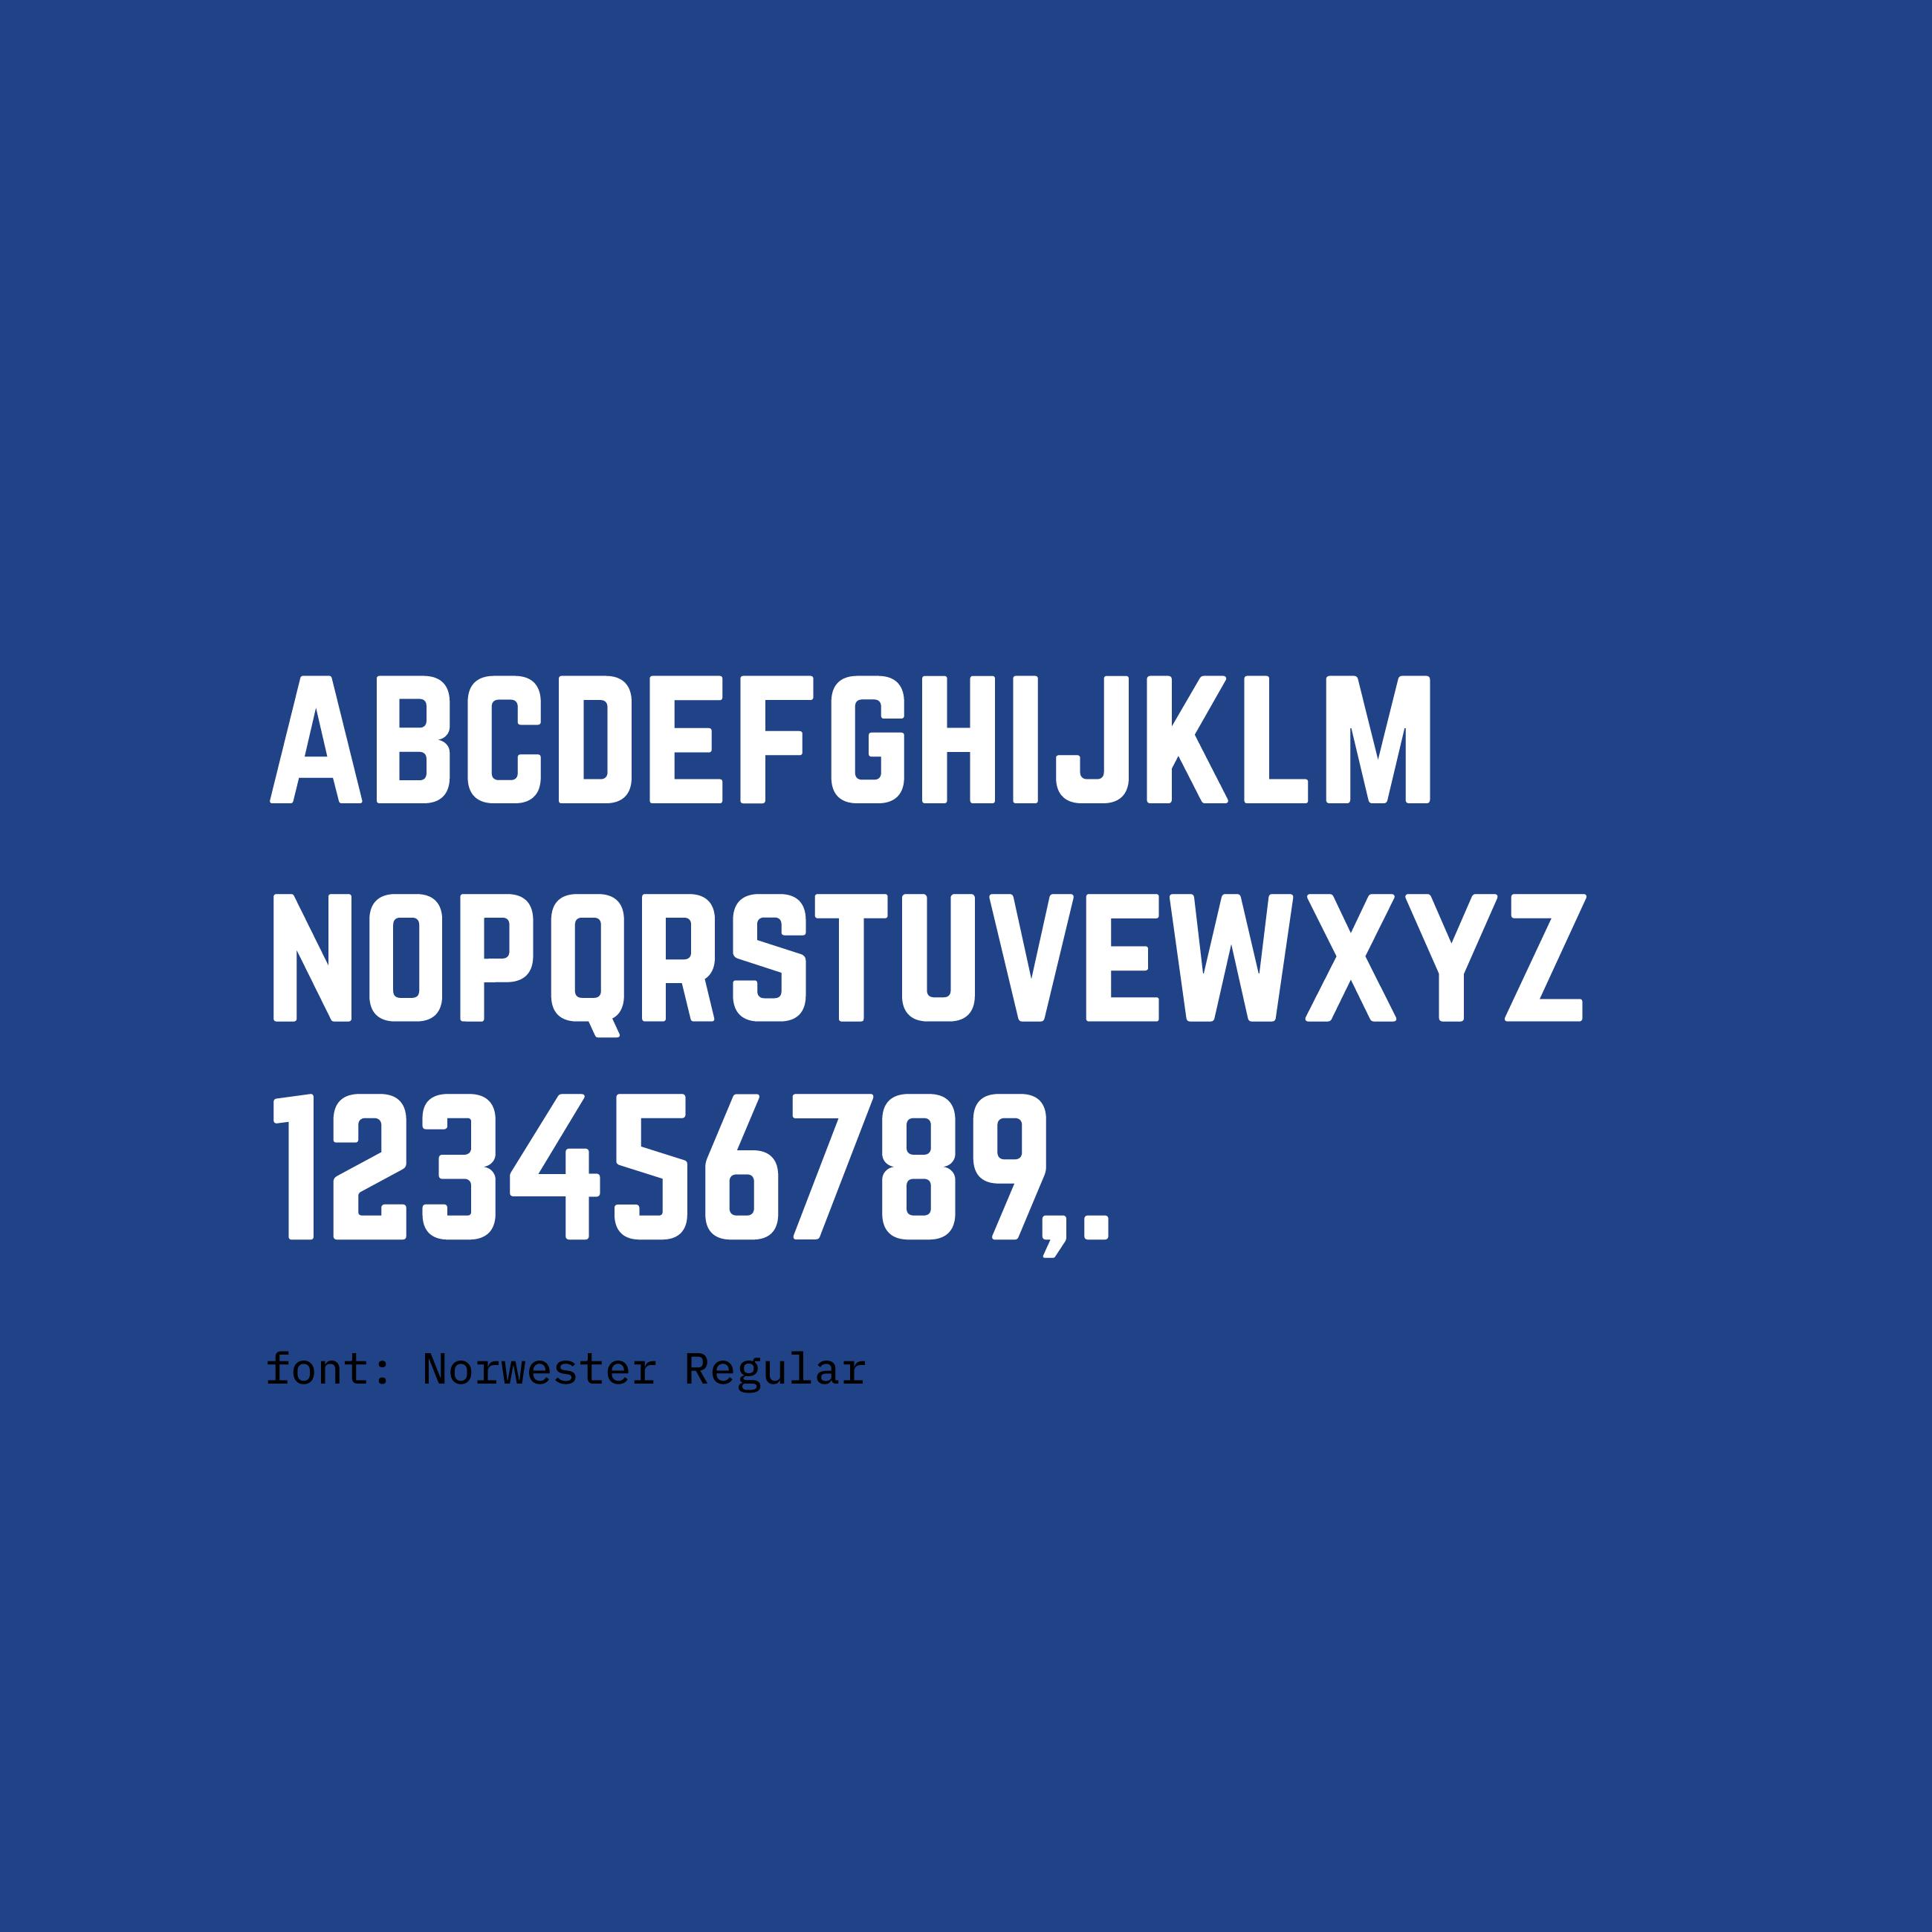 hfc-font